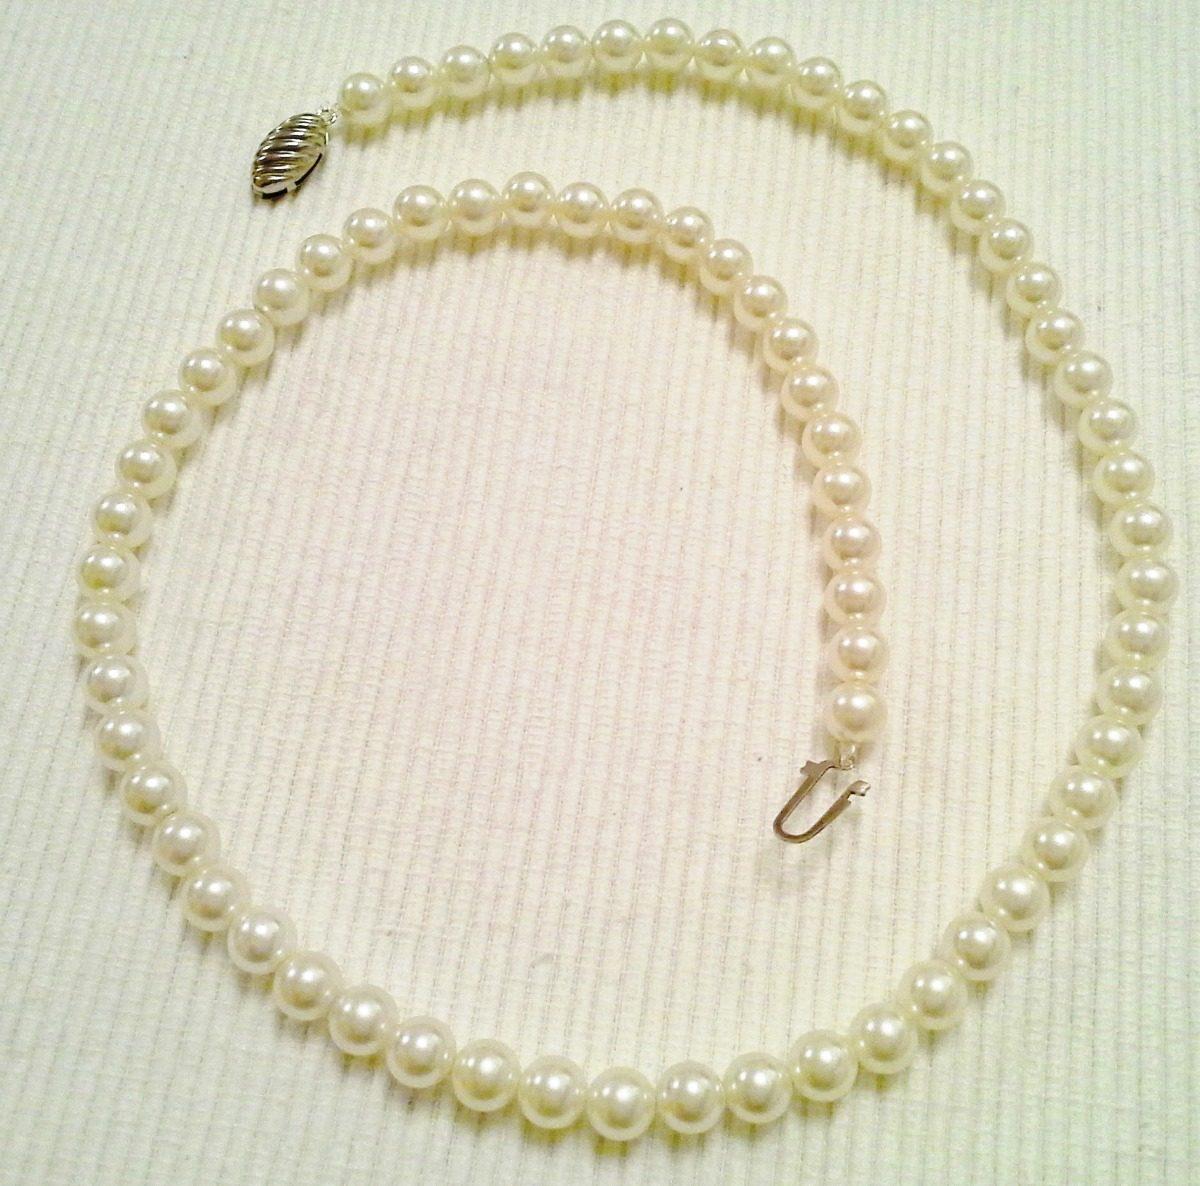 362c9a7ba756 collar vintage de perlas fantasía - largo 58cm. Cargando zoom.